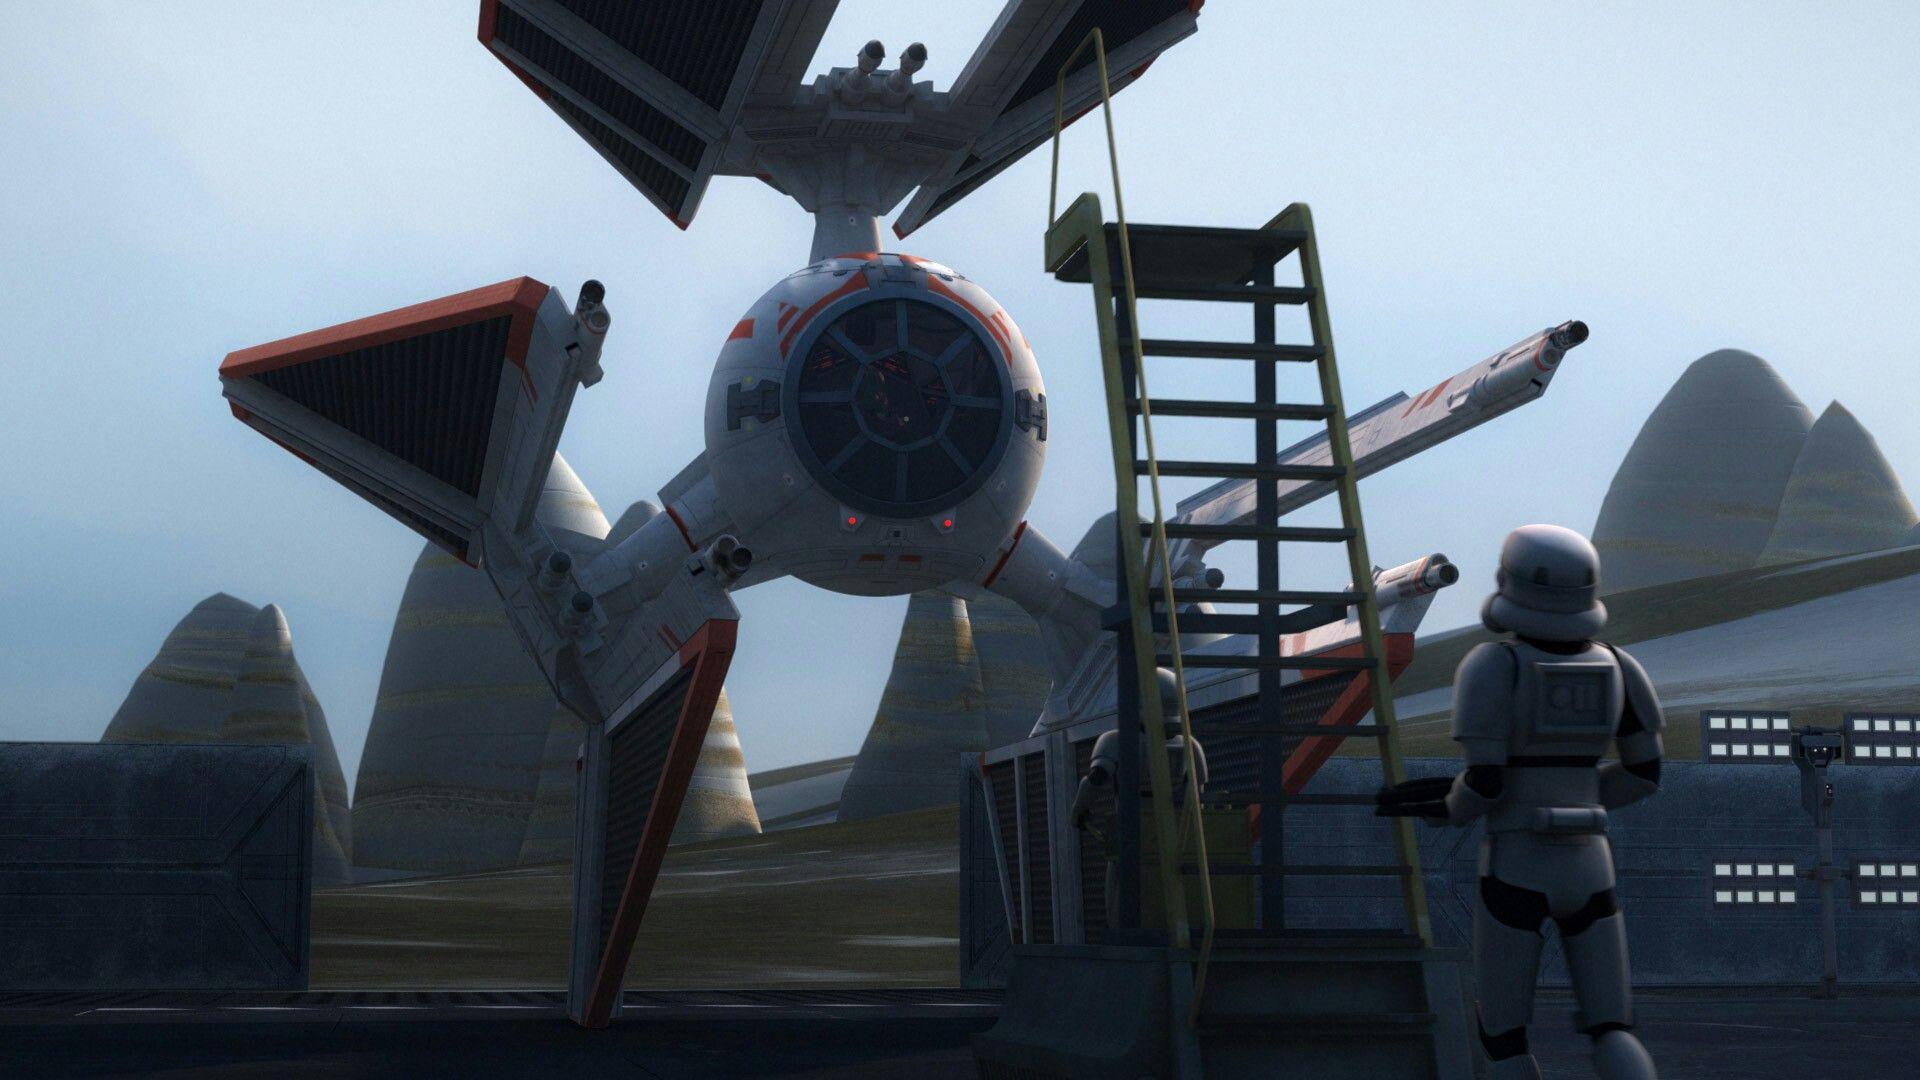 Star Wars Rebels Season 4 Tie Defender Star Wars Ships Star Wars Rebels Star Wars Trilogy